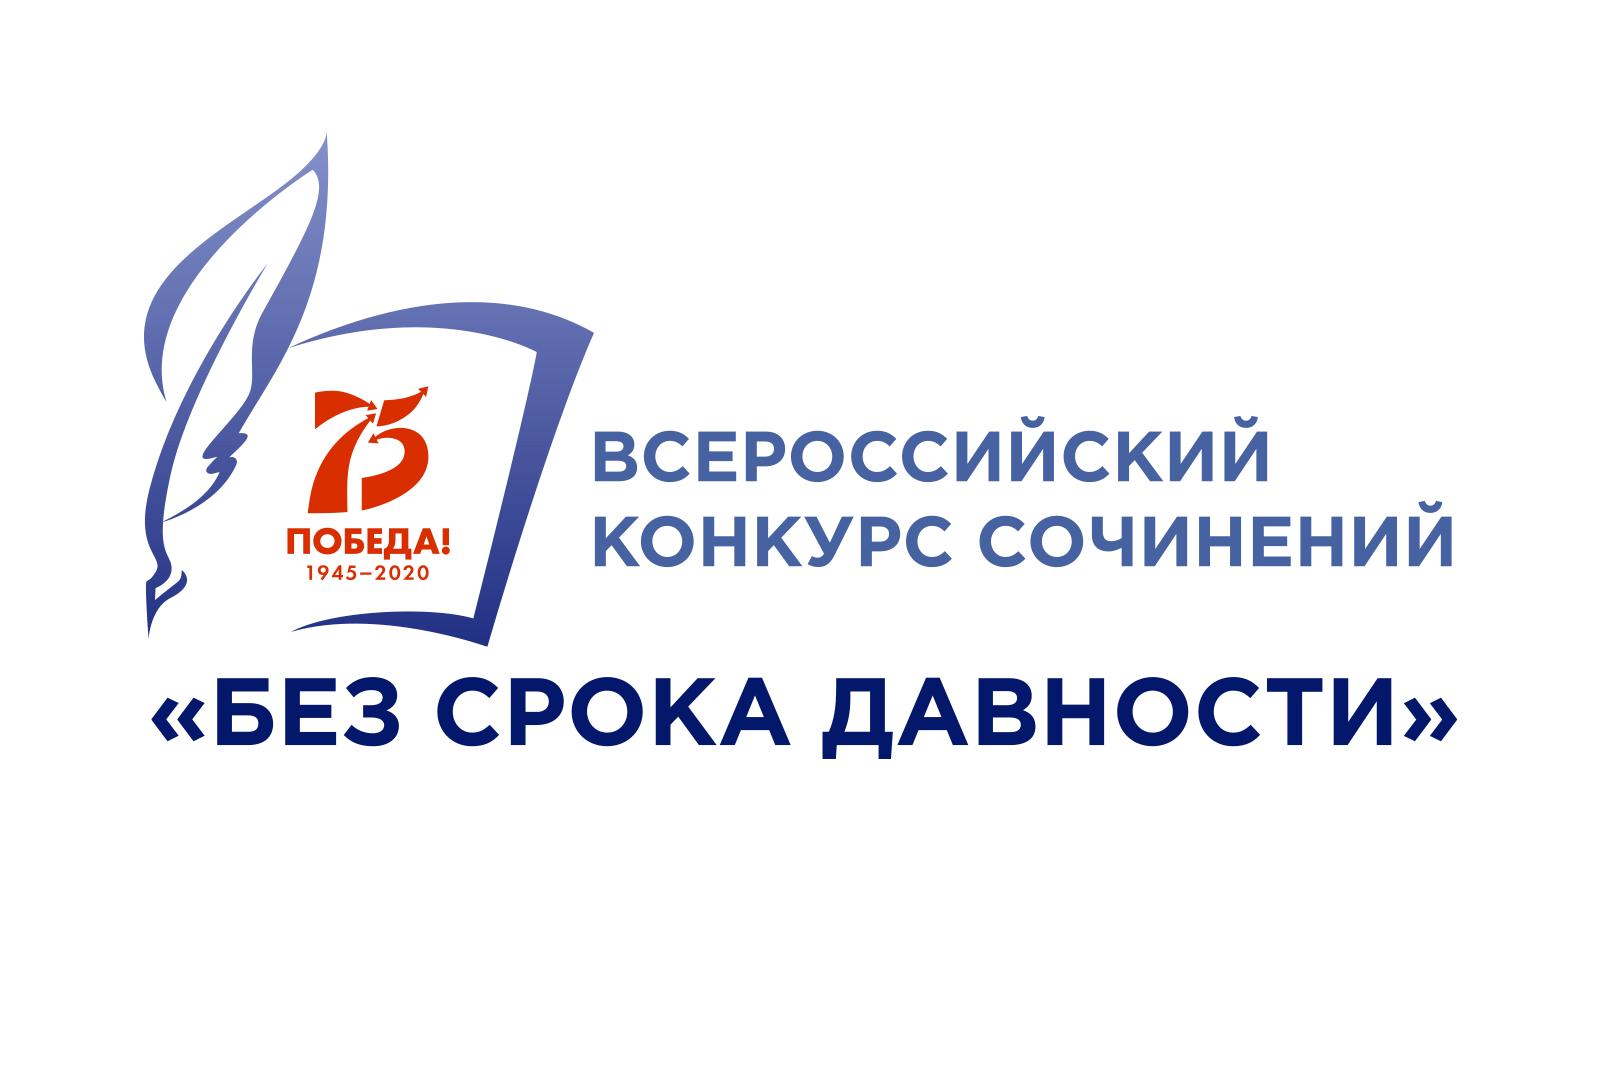 http://www.kripkro.ru/images/news/konkurs/VKS/27-12-19/%D0%BD%D0%B0-%D1%81%D0%B0%D0%B9%D1%82%D1%8B.png